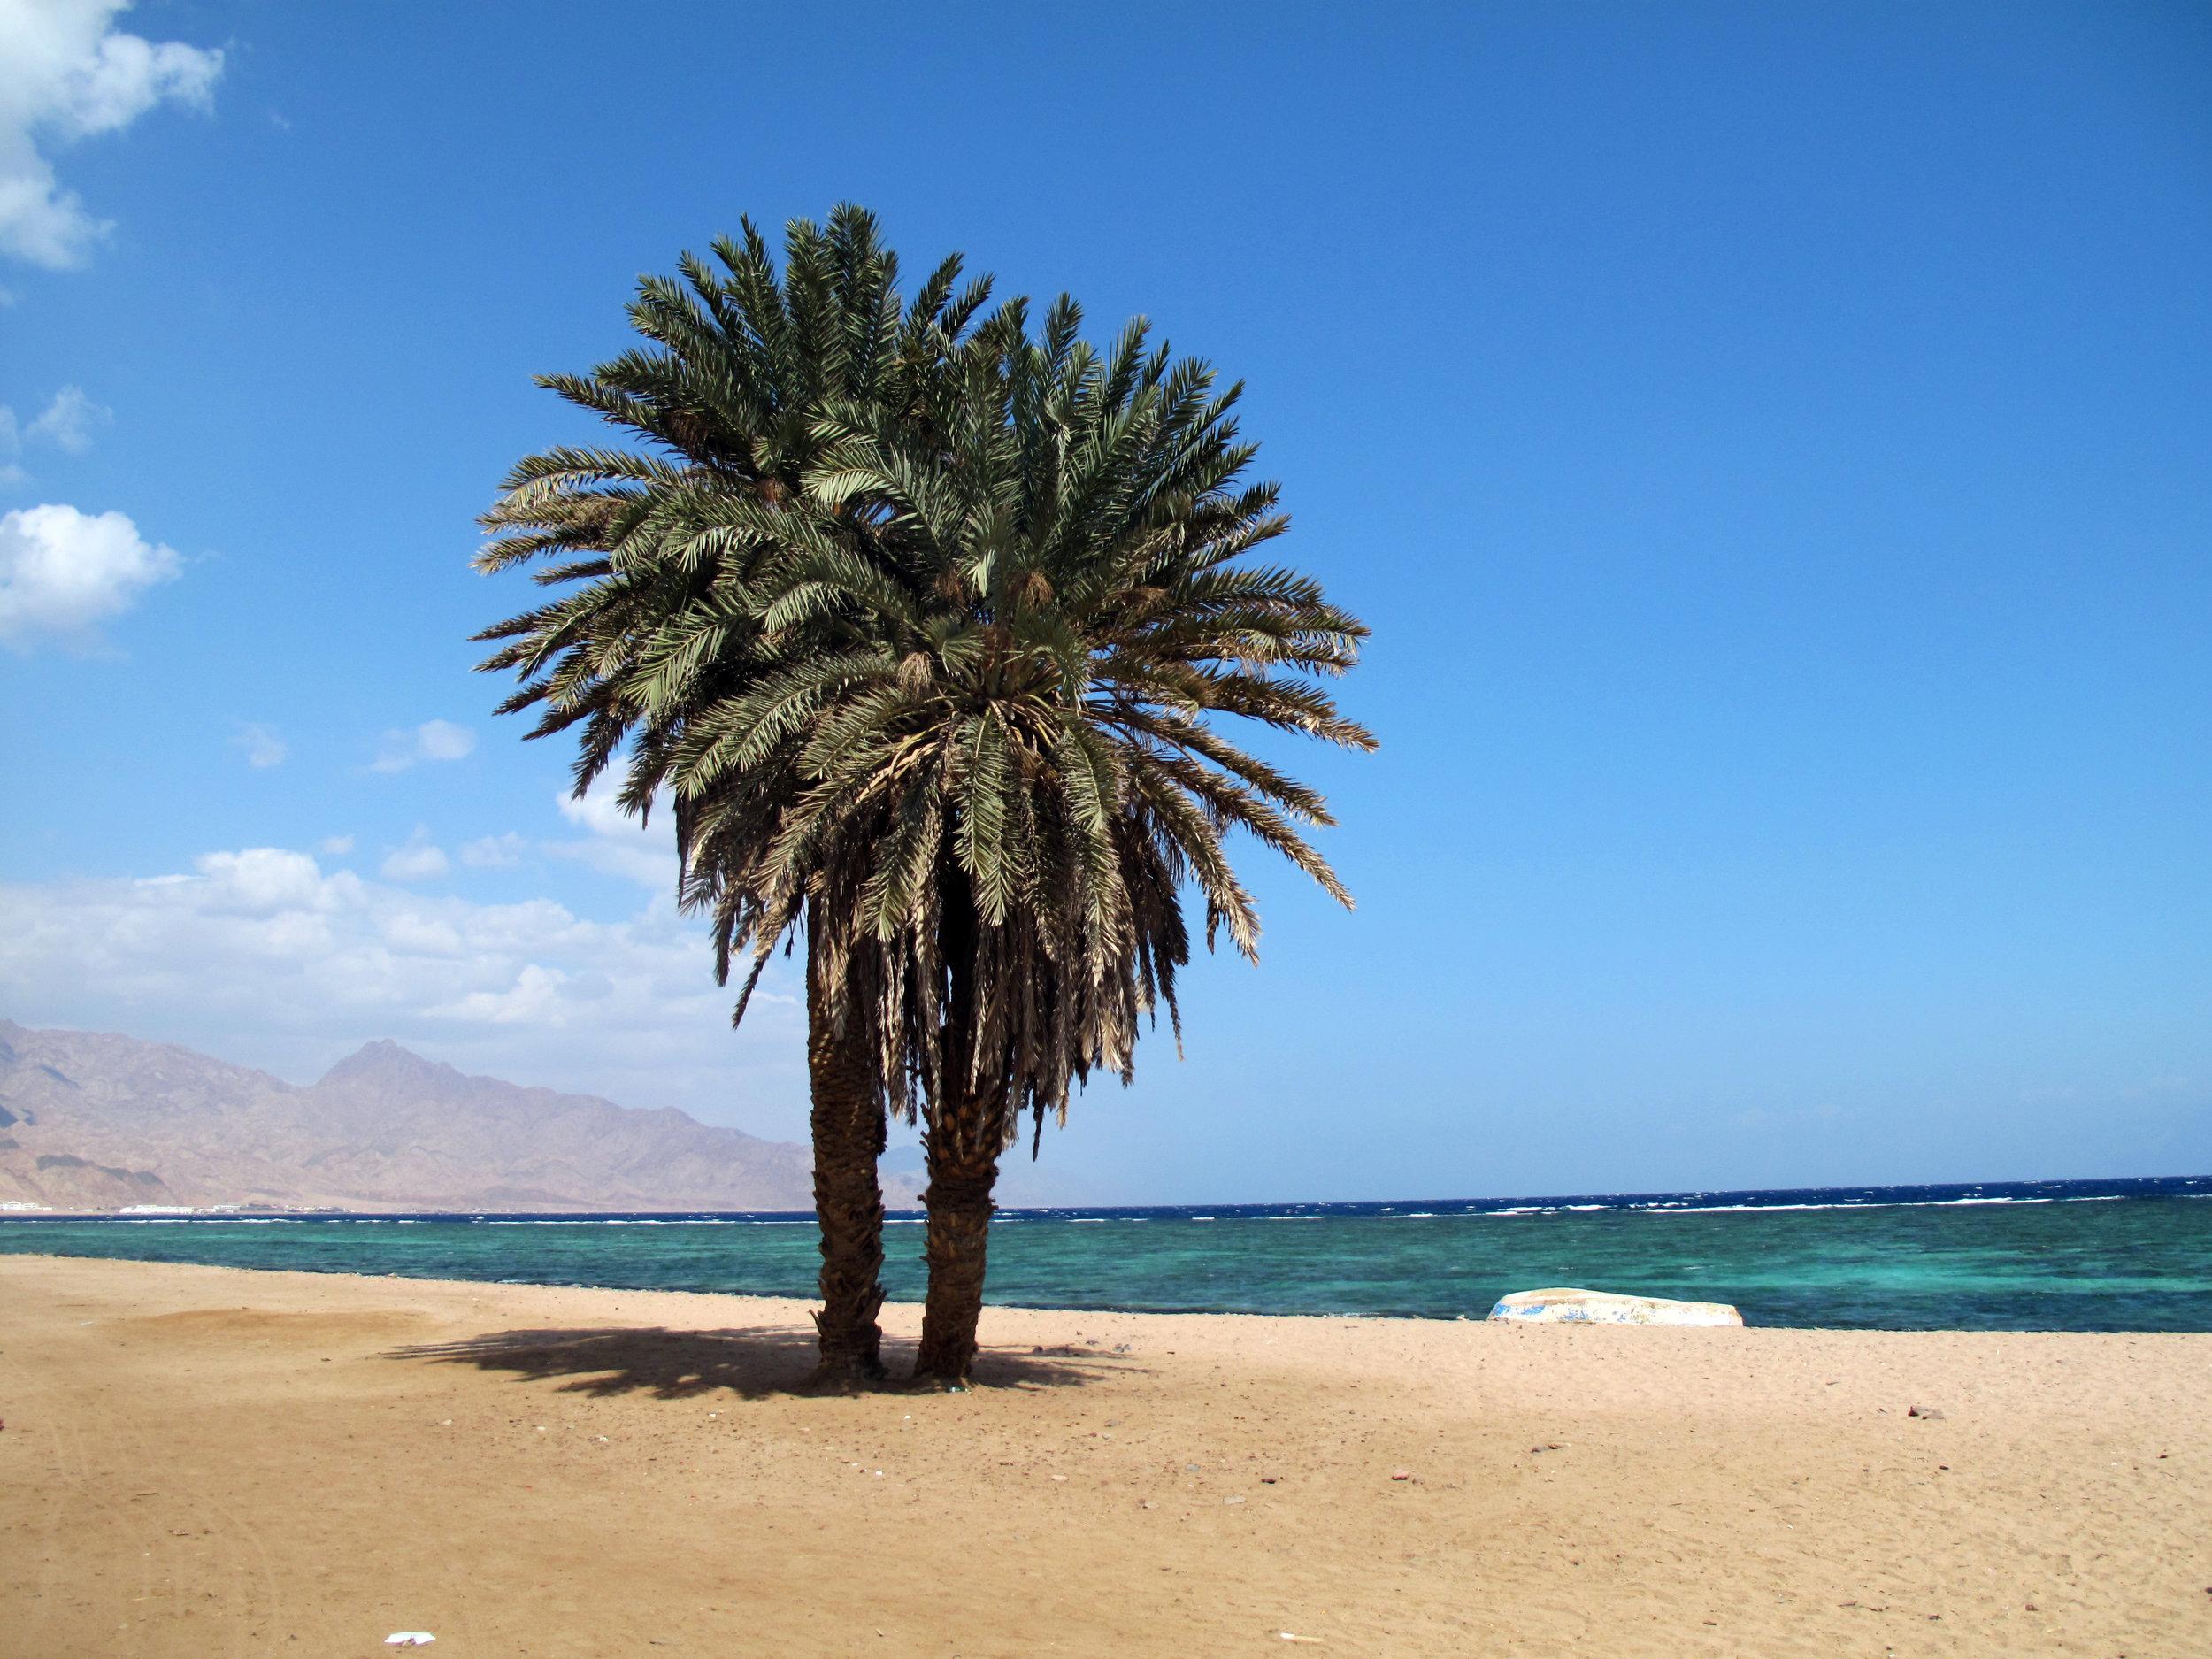 Dahab_Coachhouse_Egypt_Sinai_Red_Sea_Masbat_Bay_Assalah_3.JPG